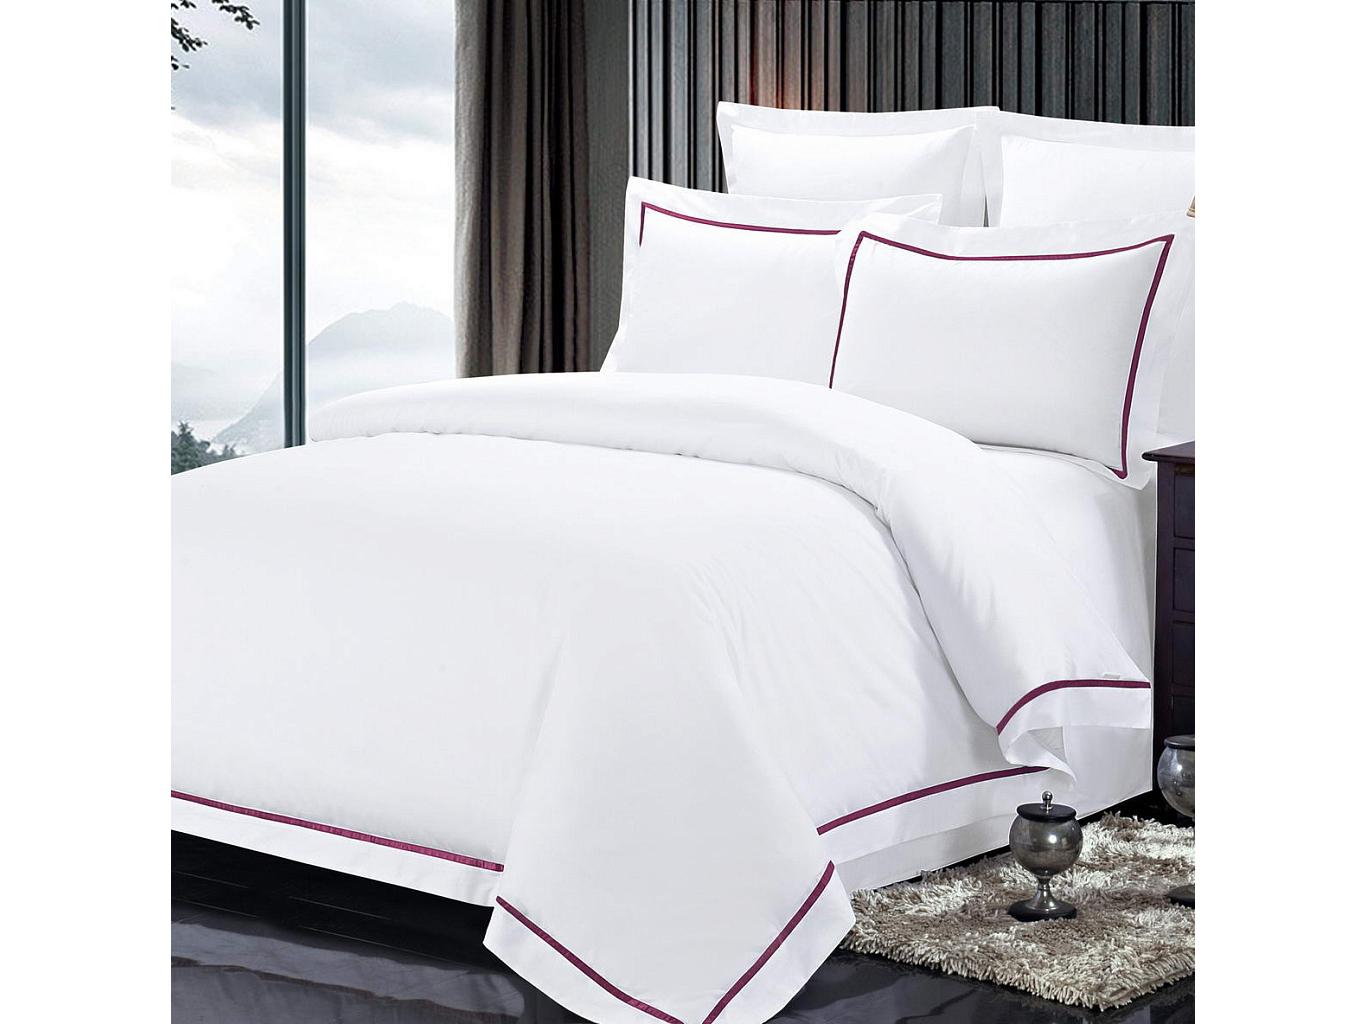 Комплект постельного белья СанремоПолутороспальные комлпекты постельного белья<br>&amp;lt;div&amp;gt;&amp;lt;div&amp;gt;Великолепный белоснежный комплект из хлопка станет настоящим украшением для Вашей спальни. Наволочки с &amp;quot;ушками&amp;quot; и декоративная тесьма,простроченная по периметру смотрятся необыкновенно стильно. Хлопковая нить сплетается определенным способом, это позволяет получить высокую плотность ткани, не теряя при этом мягкости.&amp;amp;nbsp;&amp;lt;/div&amp;gt;&amp;lt;div&amp;gt;&amp;lt;br&amp;gt;&amp;lt;/div&amp;gt;&amp;lt;div&amp;gt;Комплектация:&amp;amp;nbsp;&amp;lt;/div&amp;gt;&amp;lt;div&amp;gt;Пододеяльник: 160х220-(1 шт.);&amp;amp;nbsp;&amp;lt;/div&amp;gt;&amp;lt;div&amp;gt;Простыня: 160х230-(1 шт.);&amp;lt;/div&amp;gt;&amp;lt;div&amp;gt;Наволочки: 50х70-(2 шт.)&amp;amp;nbsp;&amp;lt;/div&amp;gt;&amp;lt;div&amp;gt;Состав: 100%хлопок&amp;lt;/div&amp;gt;&amp;lt;/div&amp;gt;<br><br>Material: Хлопок<br>Ширина см: 160<br>Глубина см: 230